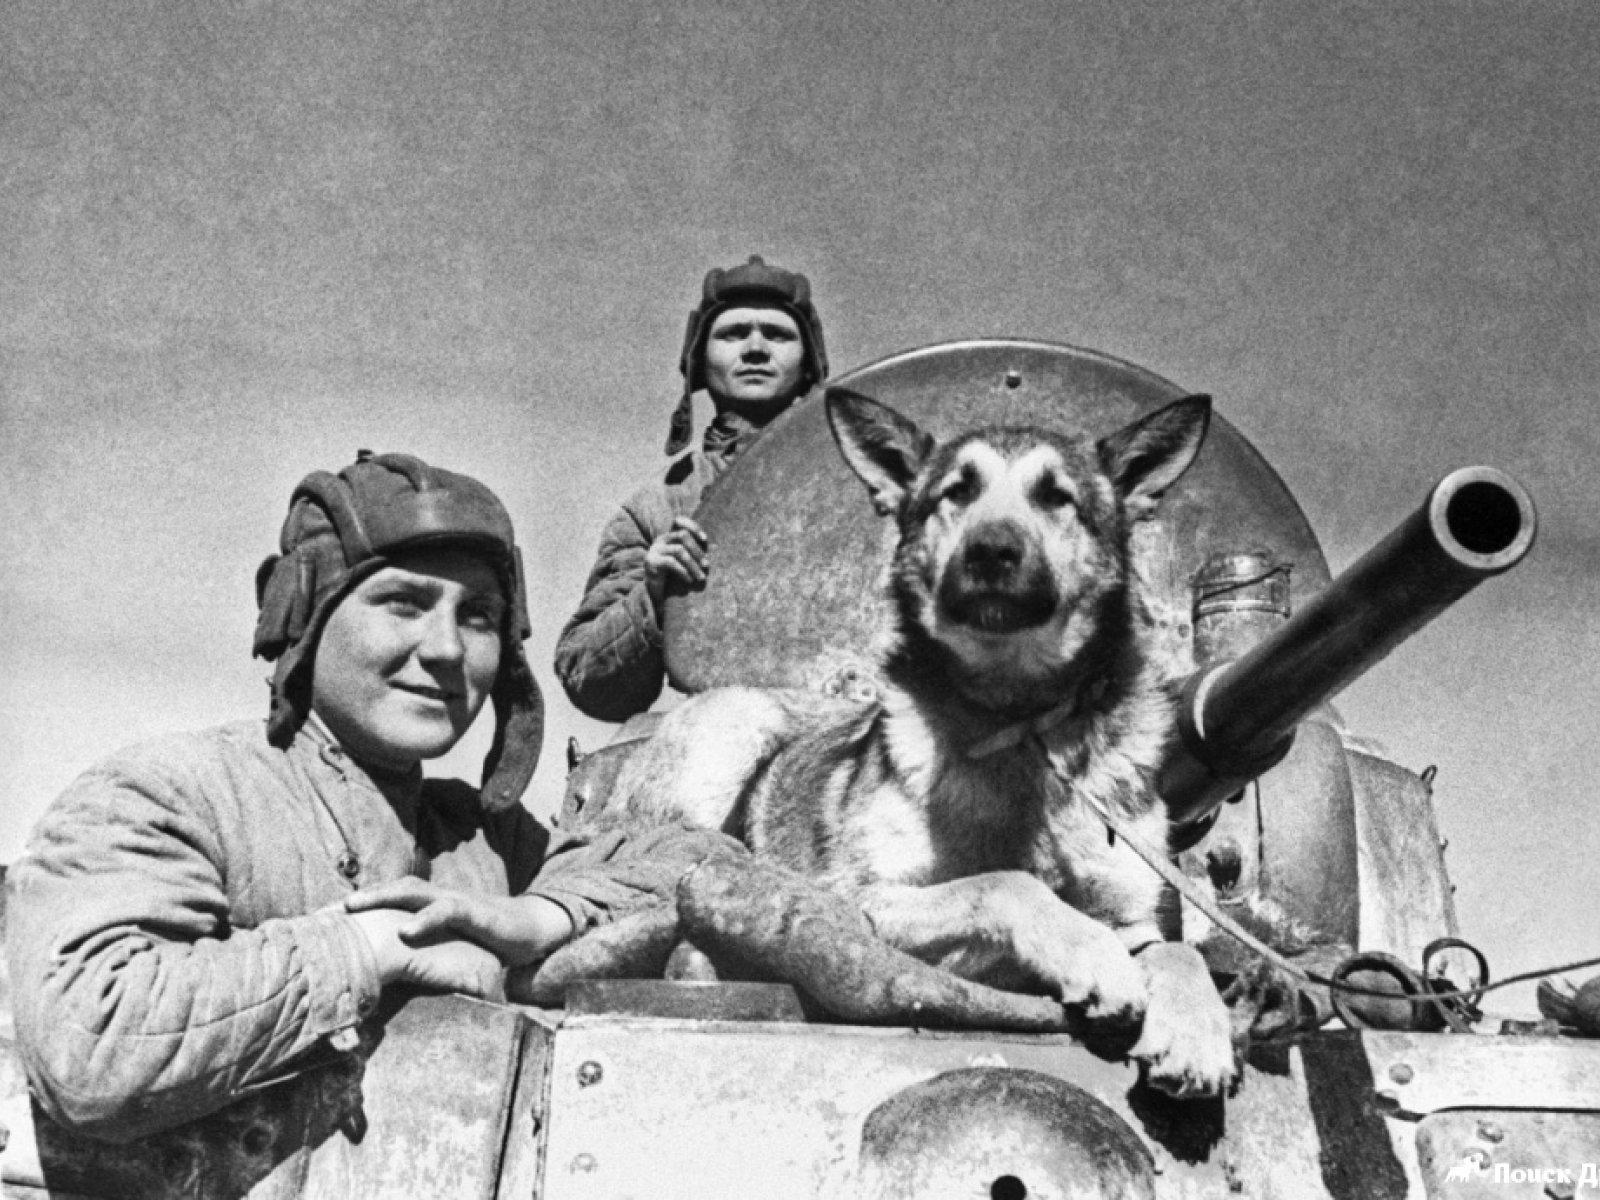 1-14 Дэлхийн II дайнд оролцсон амьтад